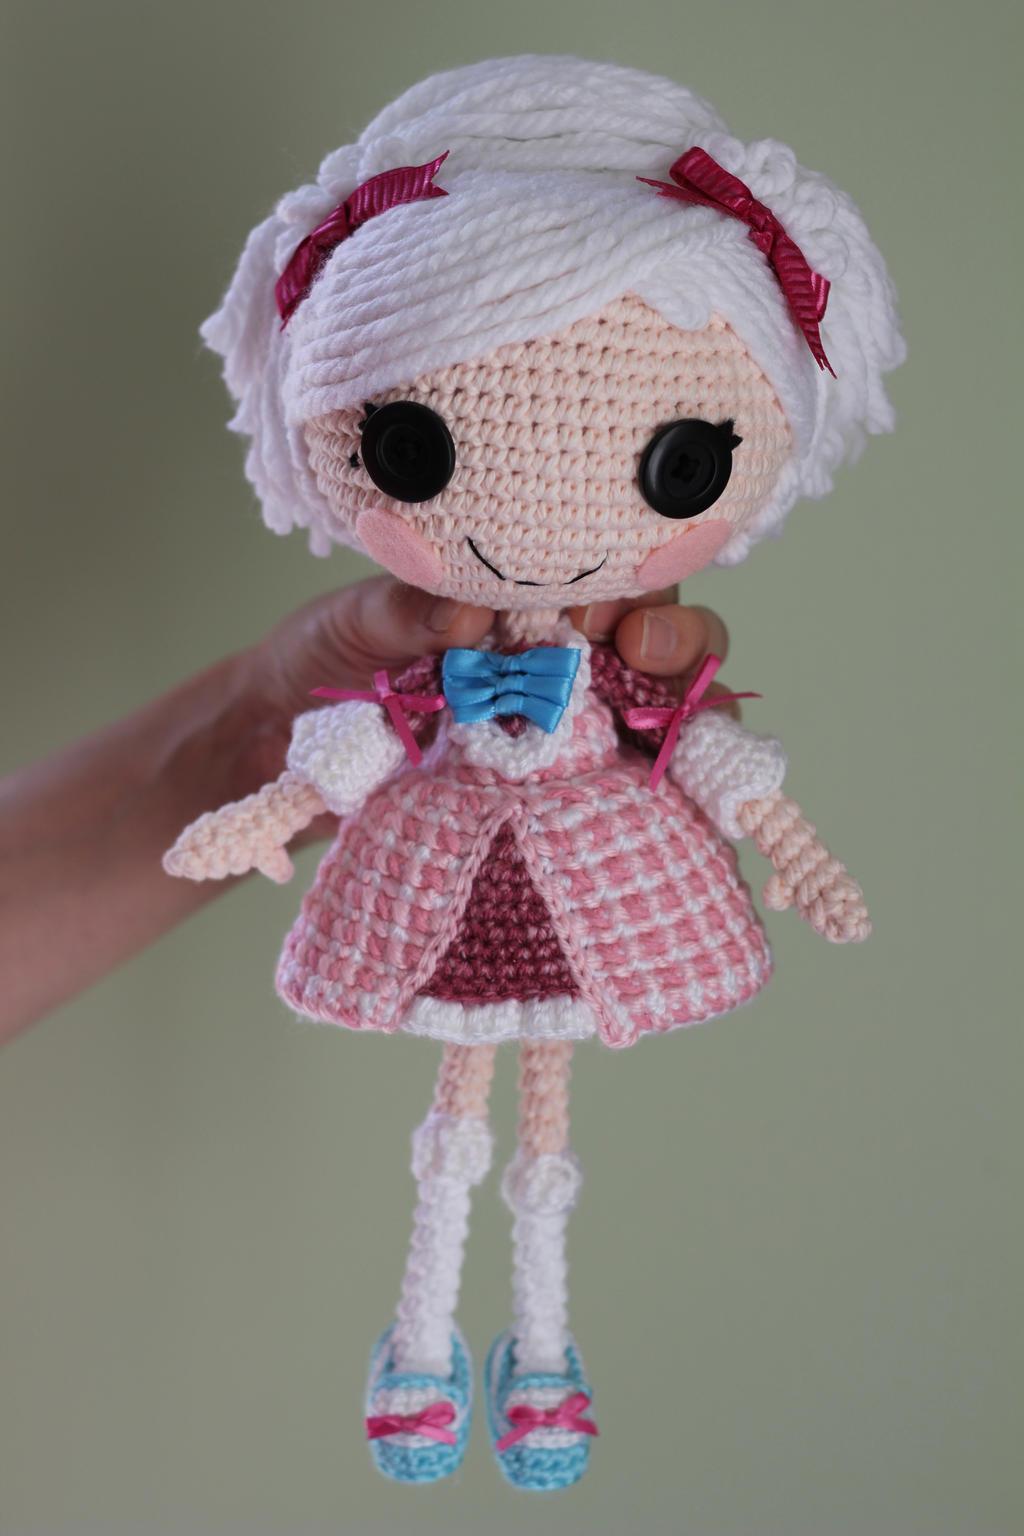 Amigurumi Doll Crochet Patterns : LALALOOPSY Suzette La Sweet Crochet Amigurumi Doll by ...